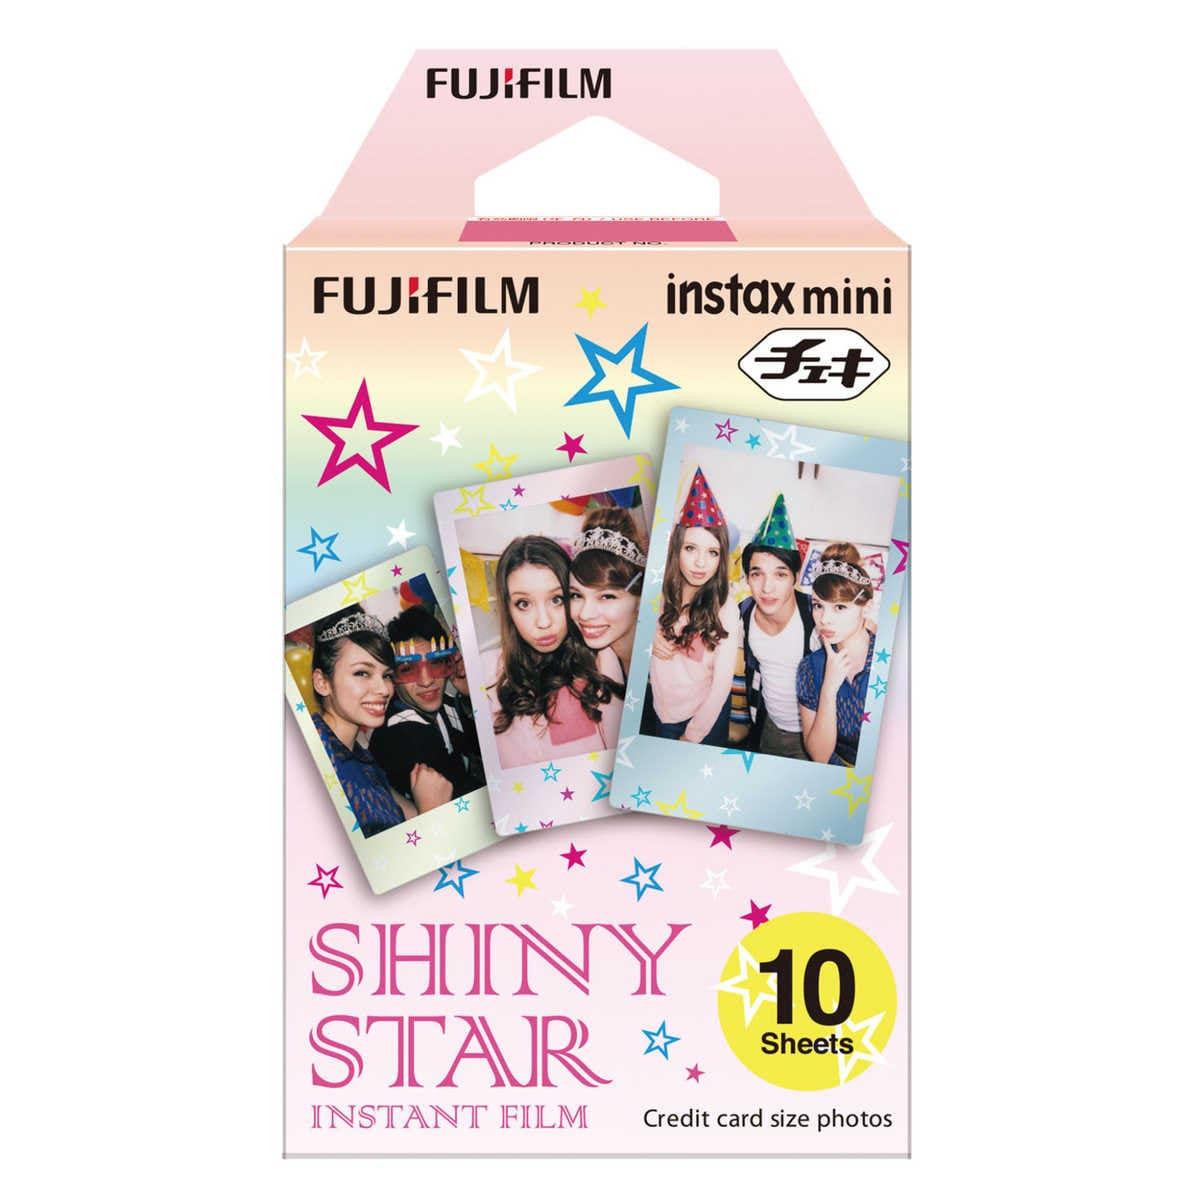 Fujifilm INSTAX MINI 10st Shiny Star